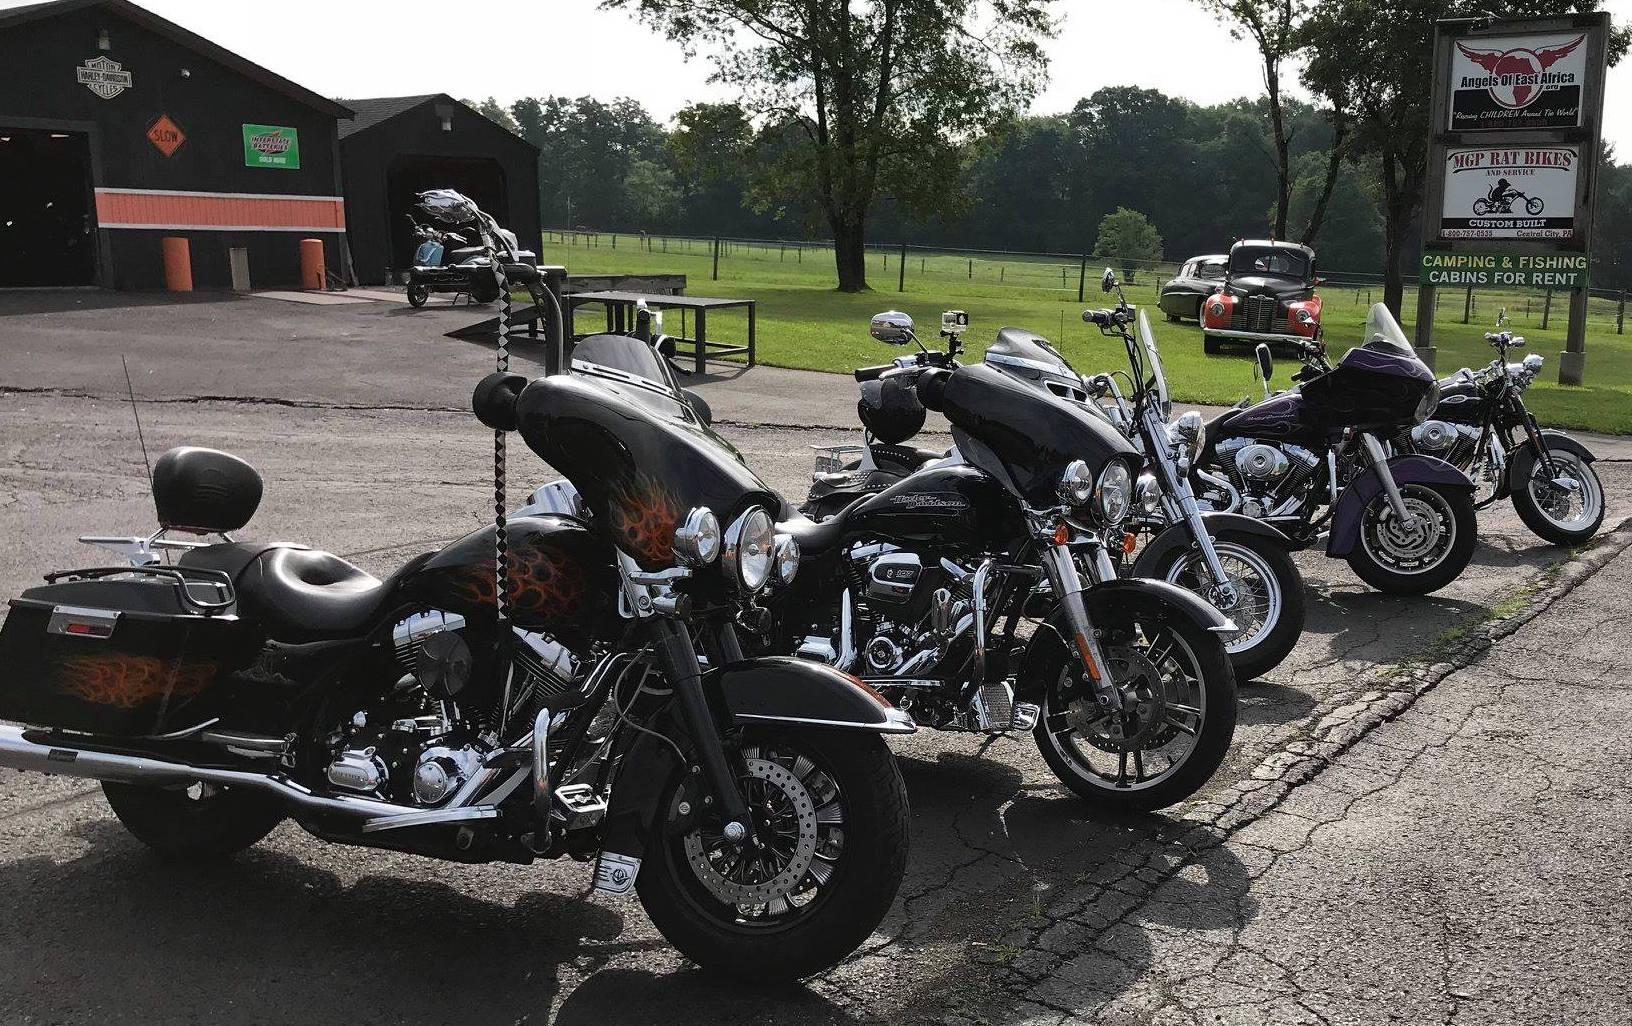 Some of Sam's Bikes